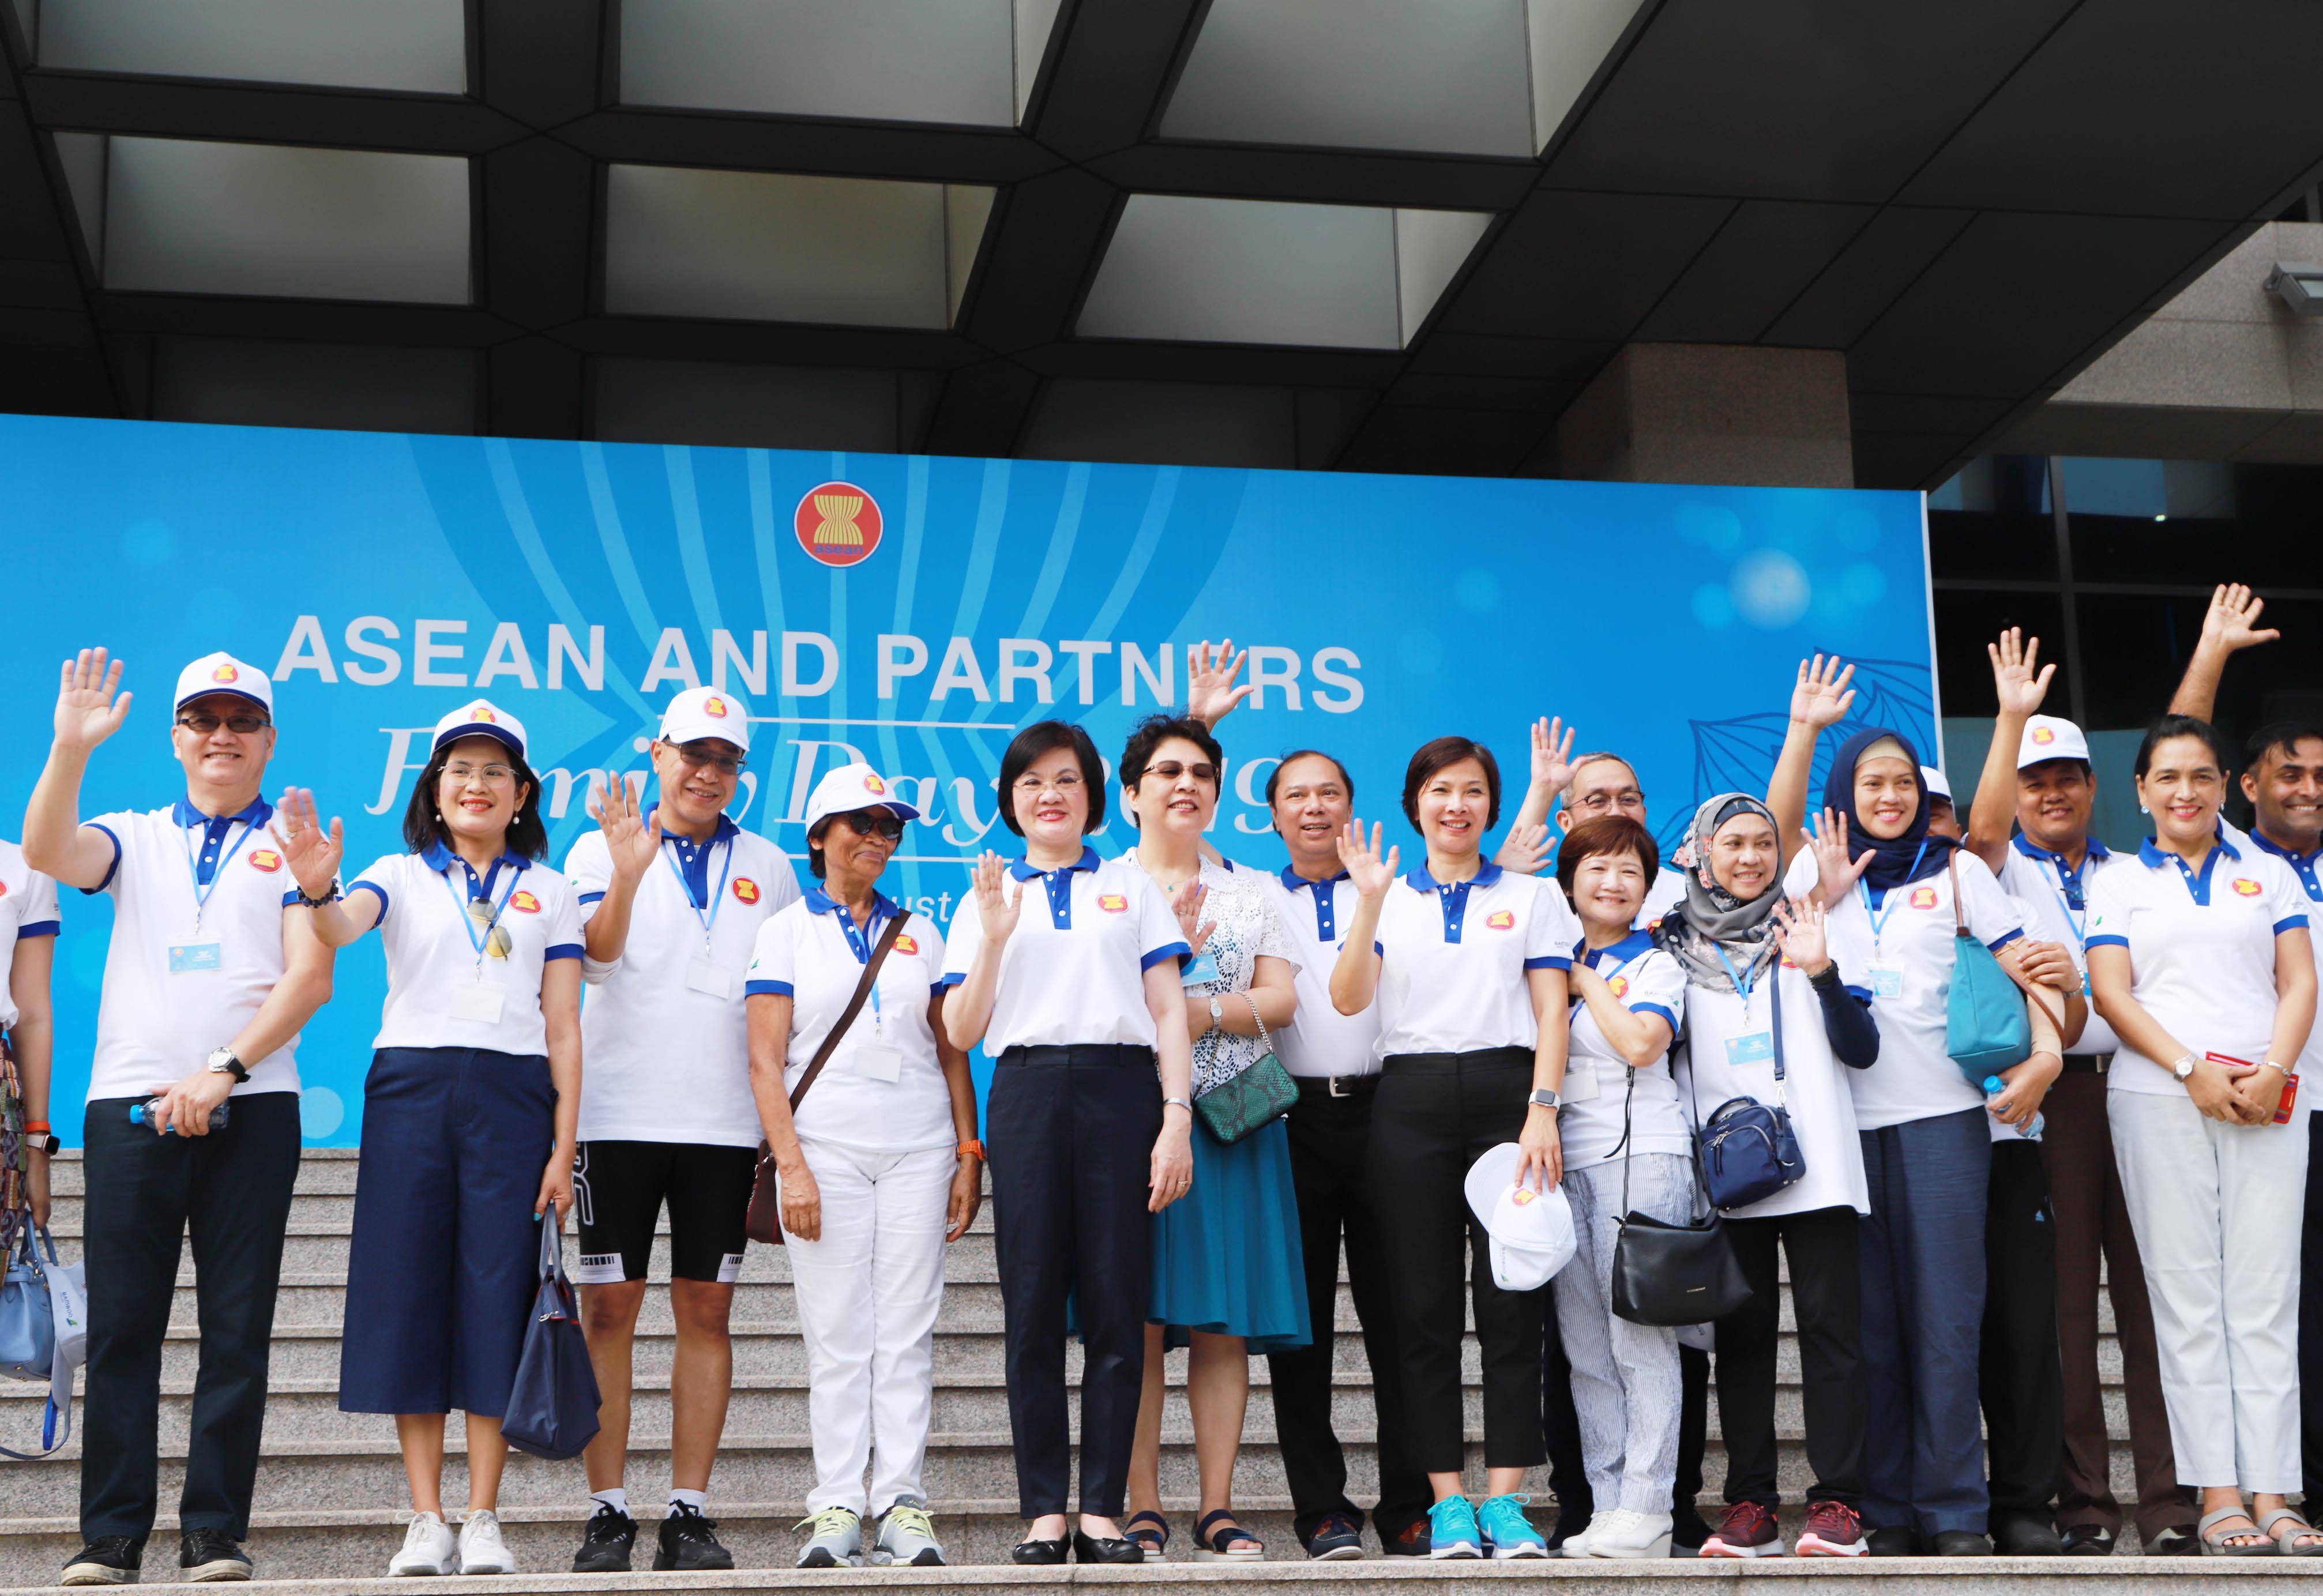 Đại sứ Nguyệt Nga nhấn mạnh, đối với phụ nữ, một Cộng đồng ASEAN hòa bình, gắn kết có ý nghĩa lớn lao vô cùng. Là những người mẹ, người vợ, người chị, người em, phụ nữ không chỉ là 50% mà là những người tạo dựng nên, nuôi dưỡng những tình cảm. Để tạo bản sắc chung của Cộng đồng ASEAN, chính những người phụ nữ sẽ là những người rất quan trọng.